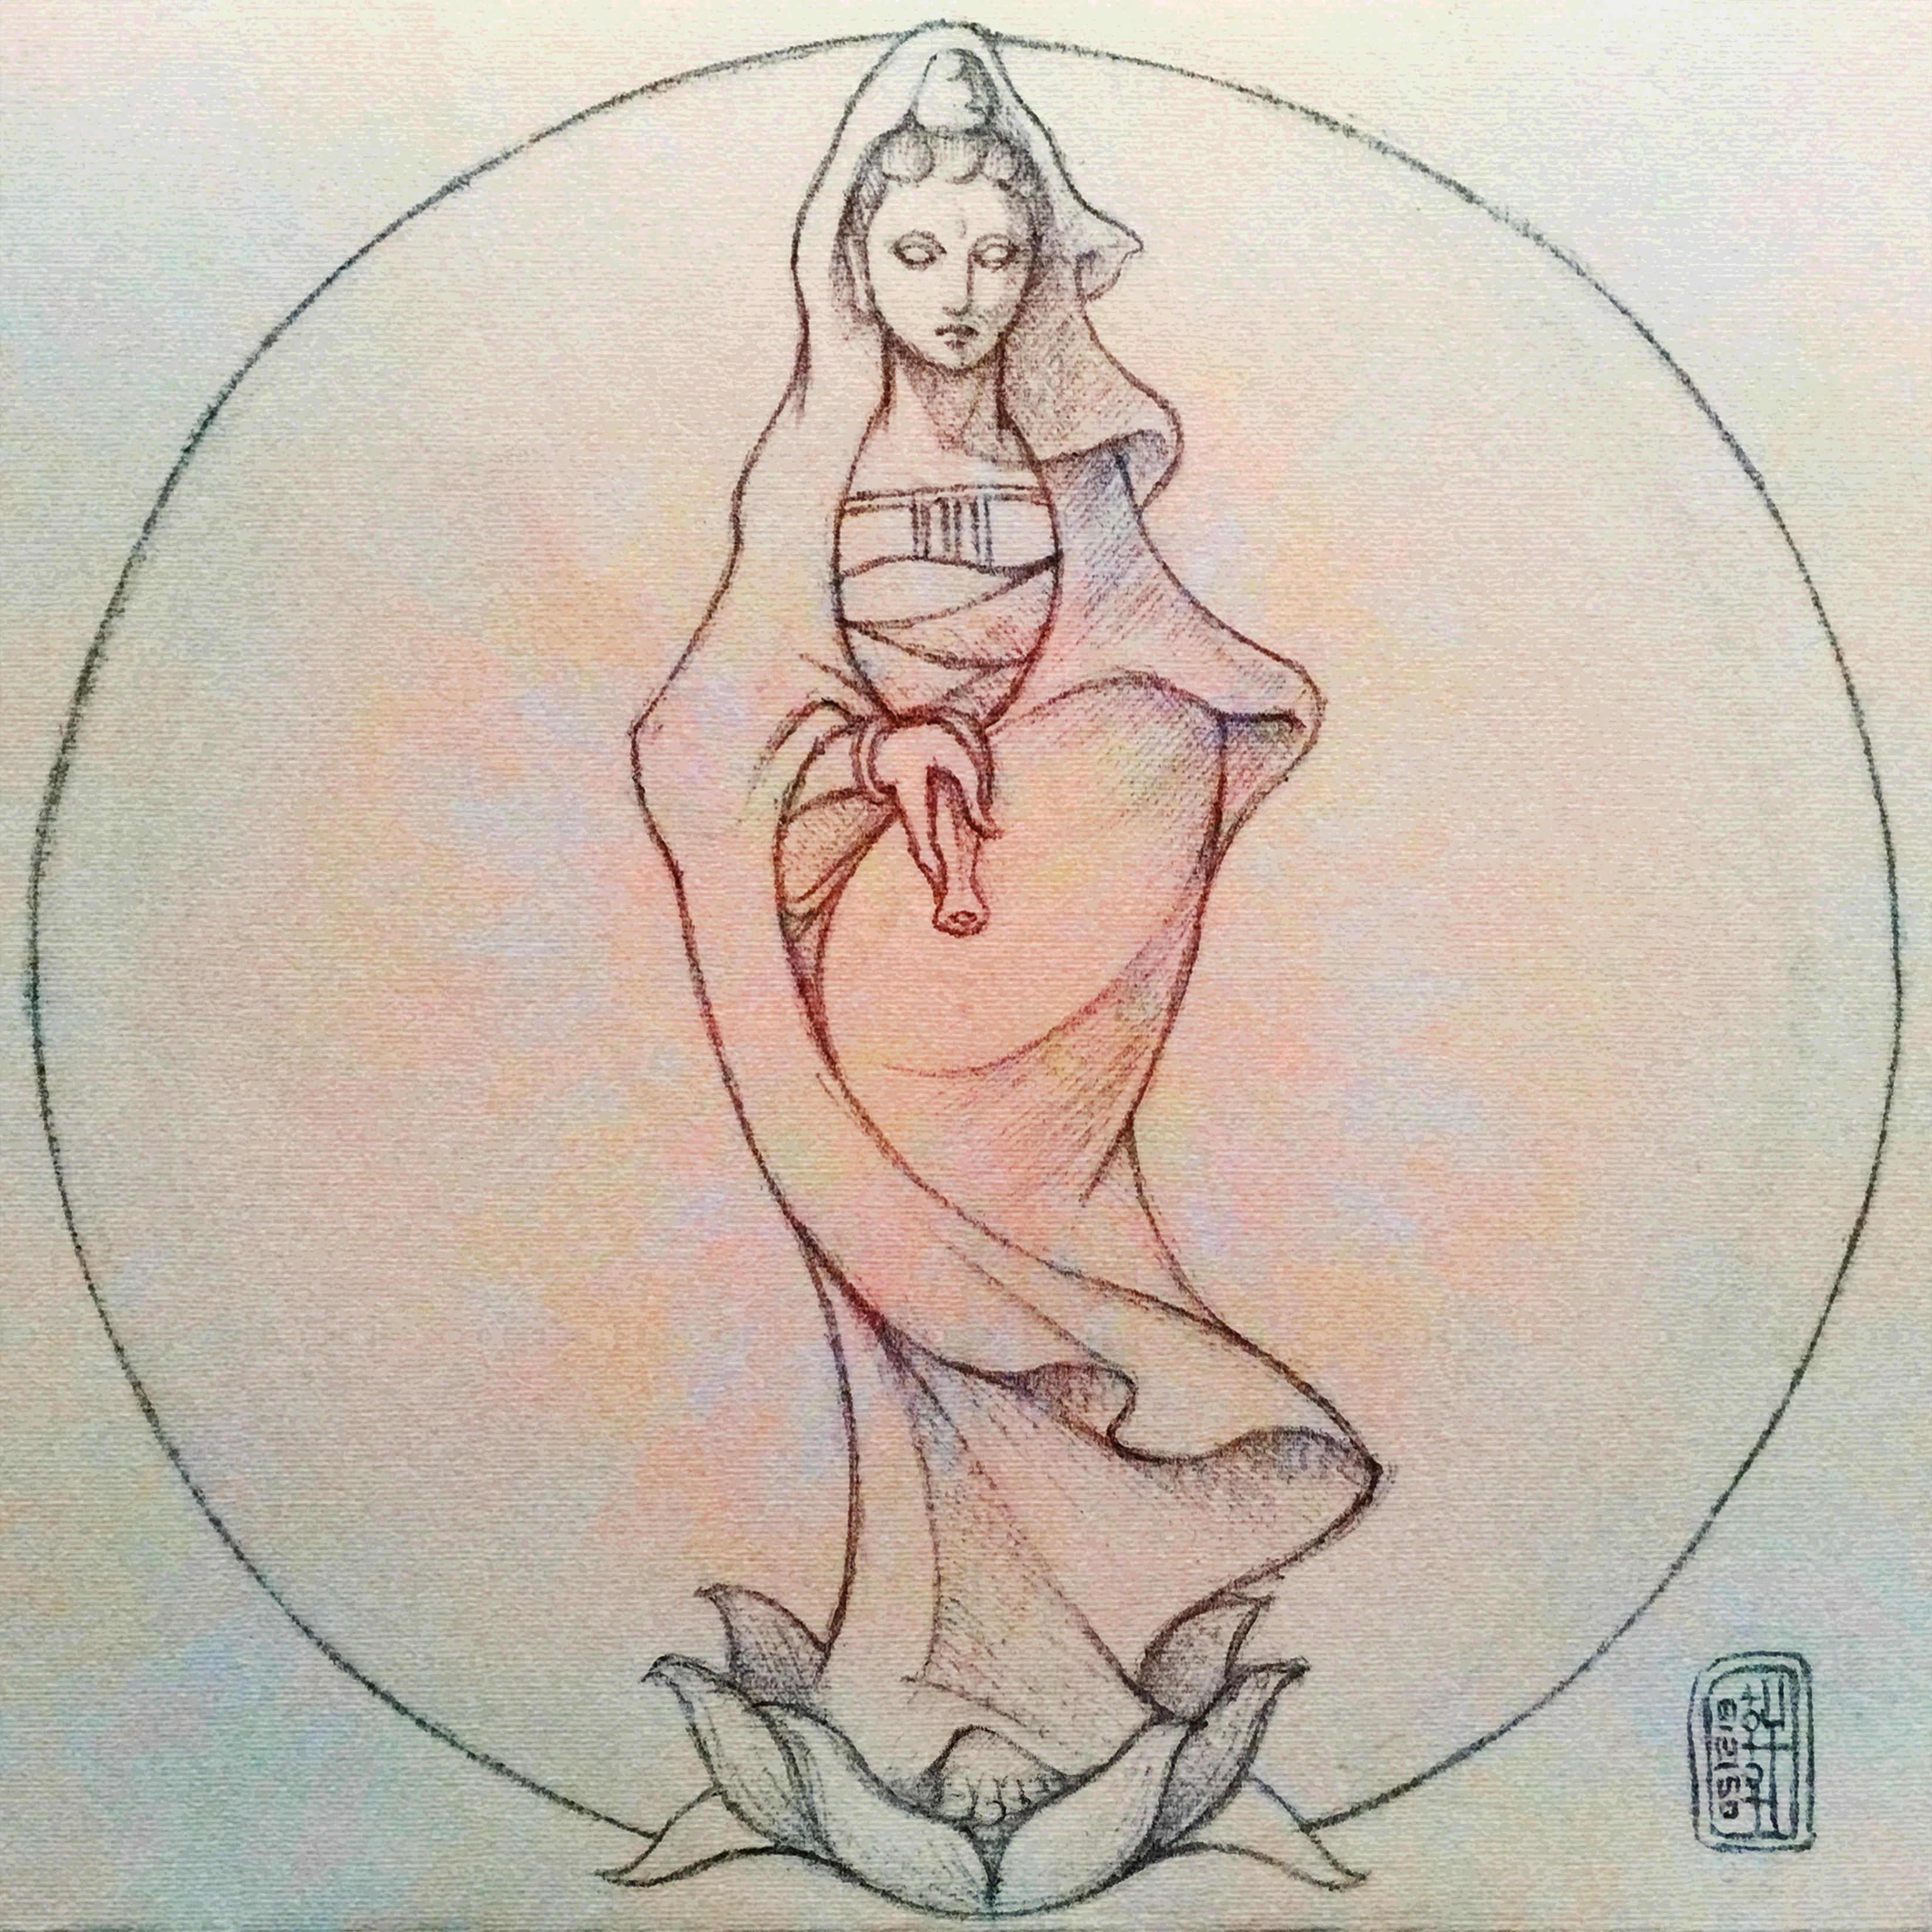 Compassion - Sketch